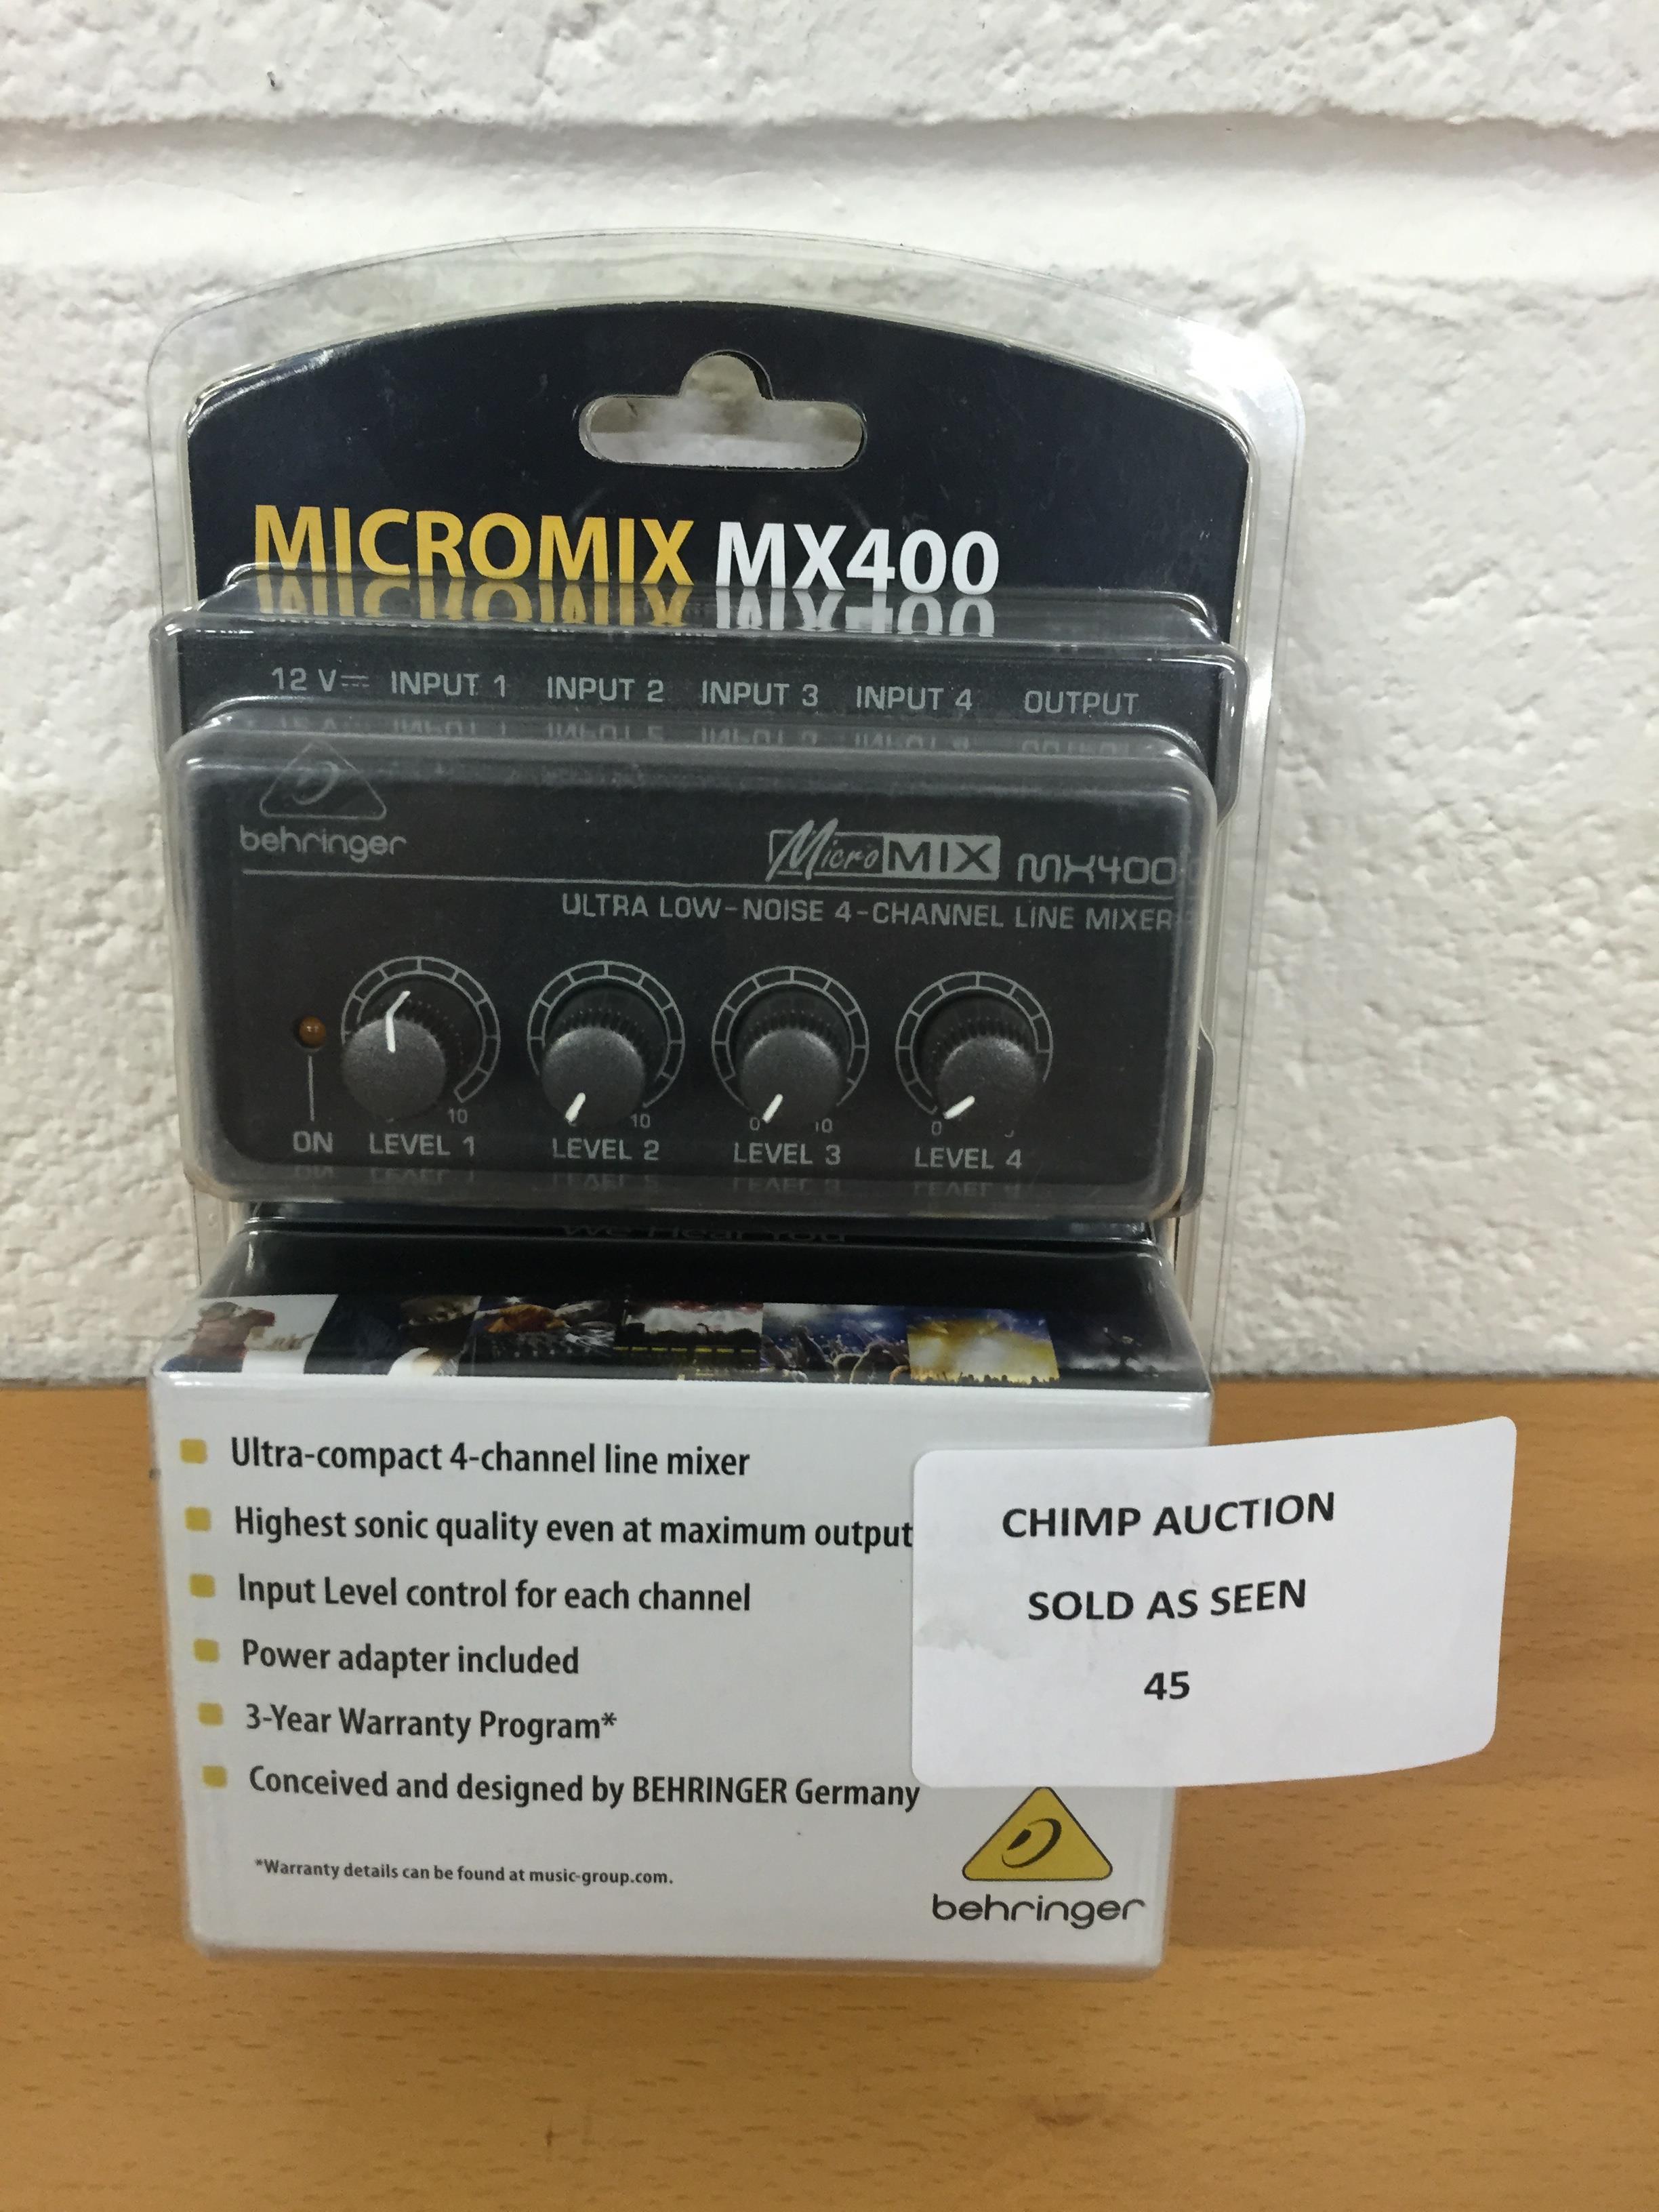 Lot 45 - Behringer MX400 Micromix Low Noise 4 Channel Mono Line Mixer